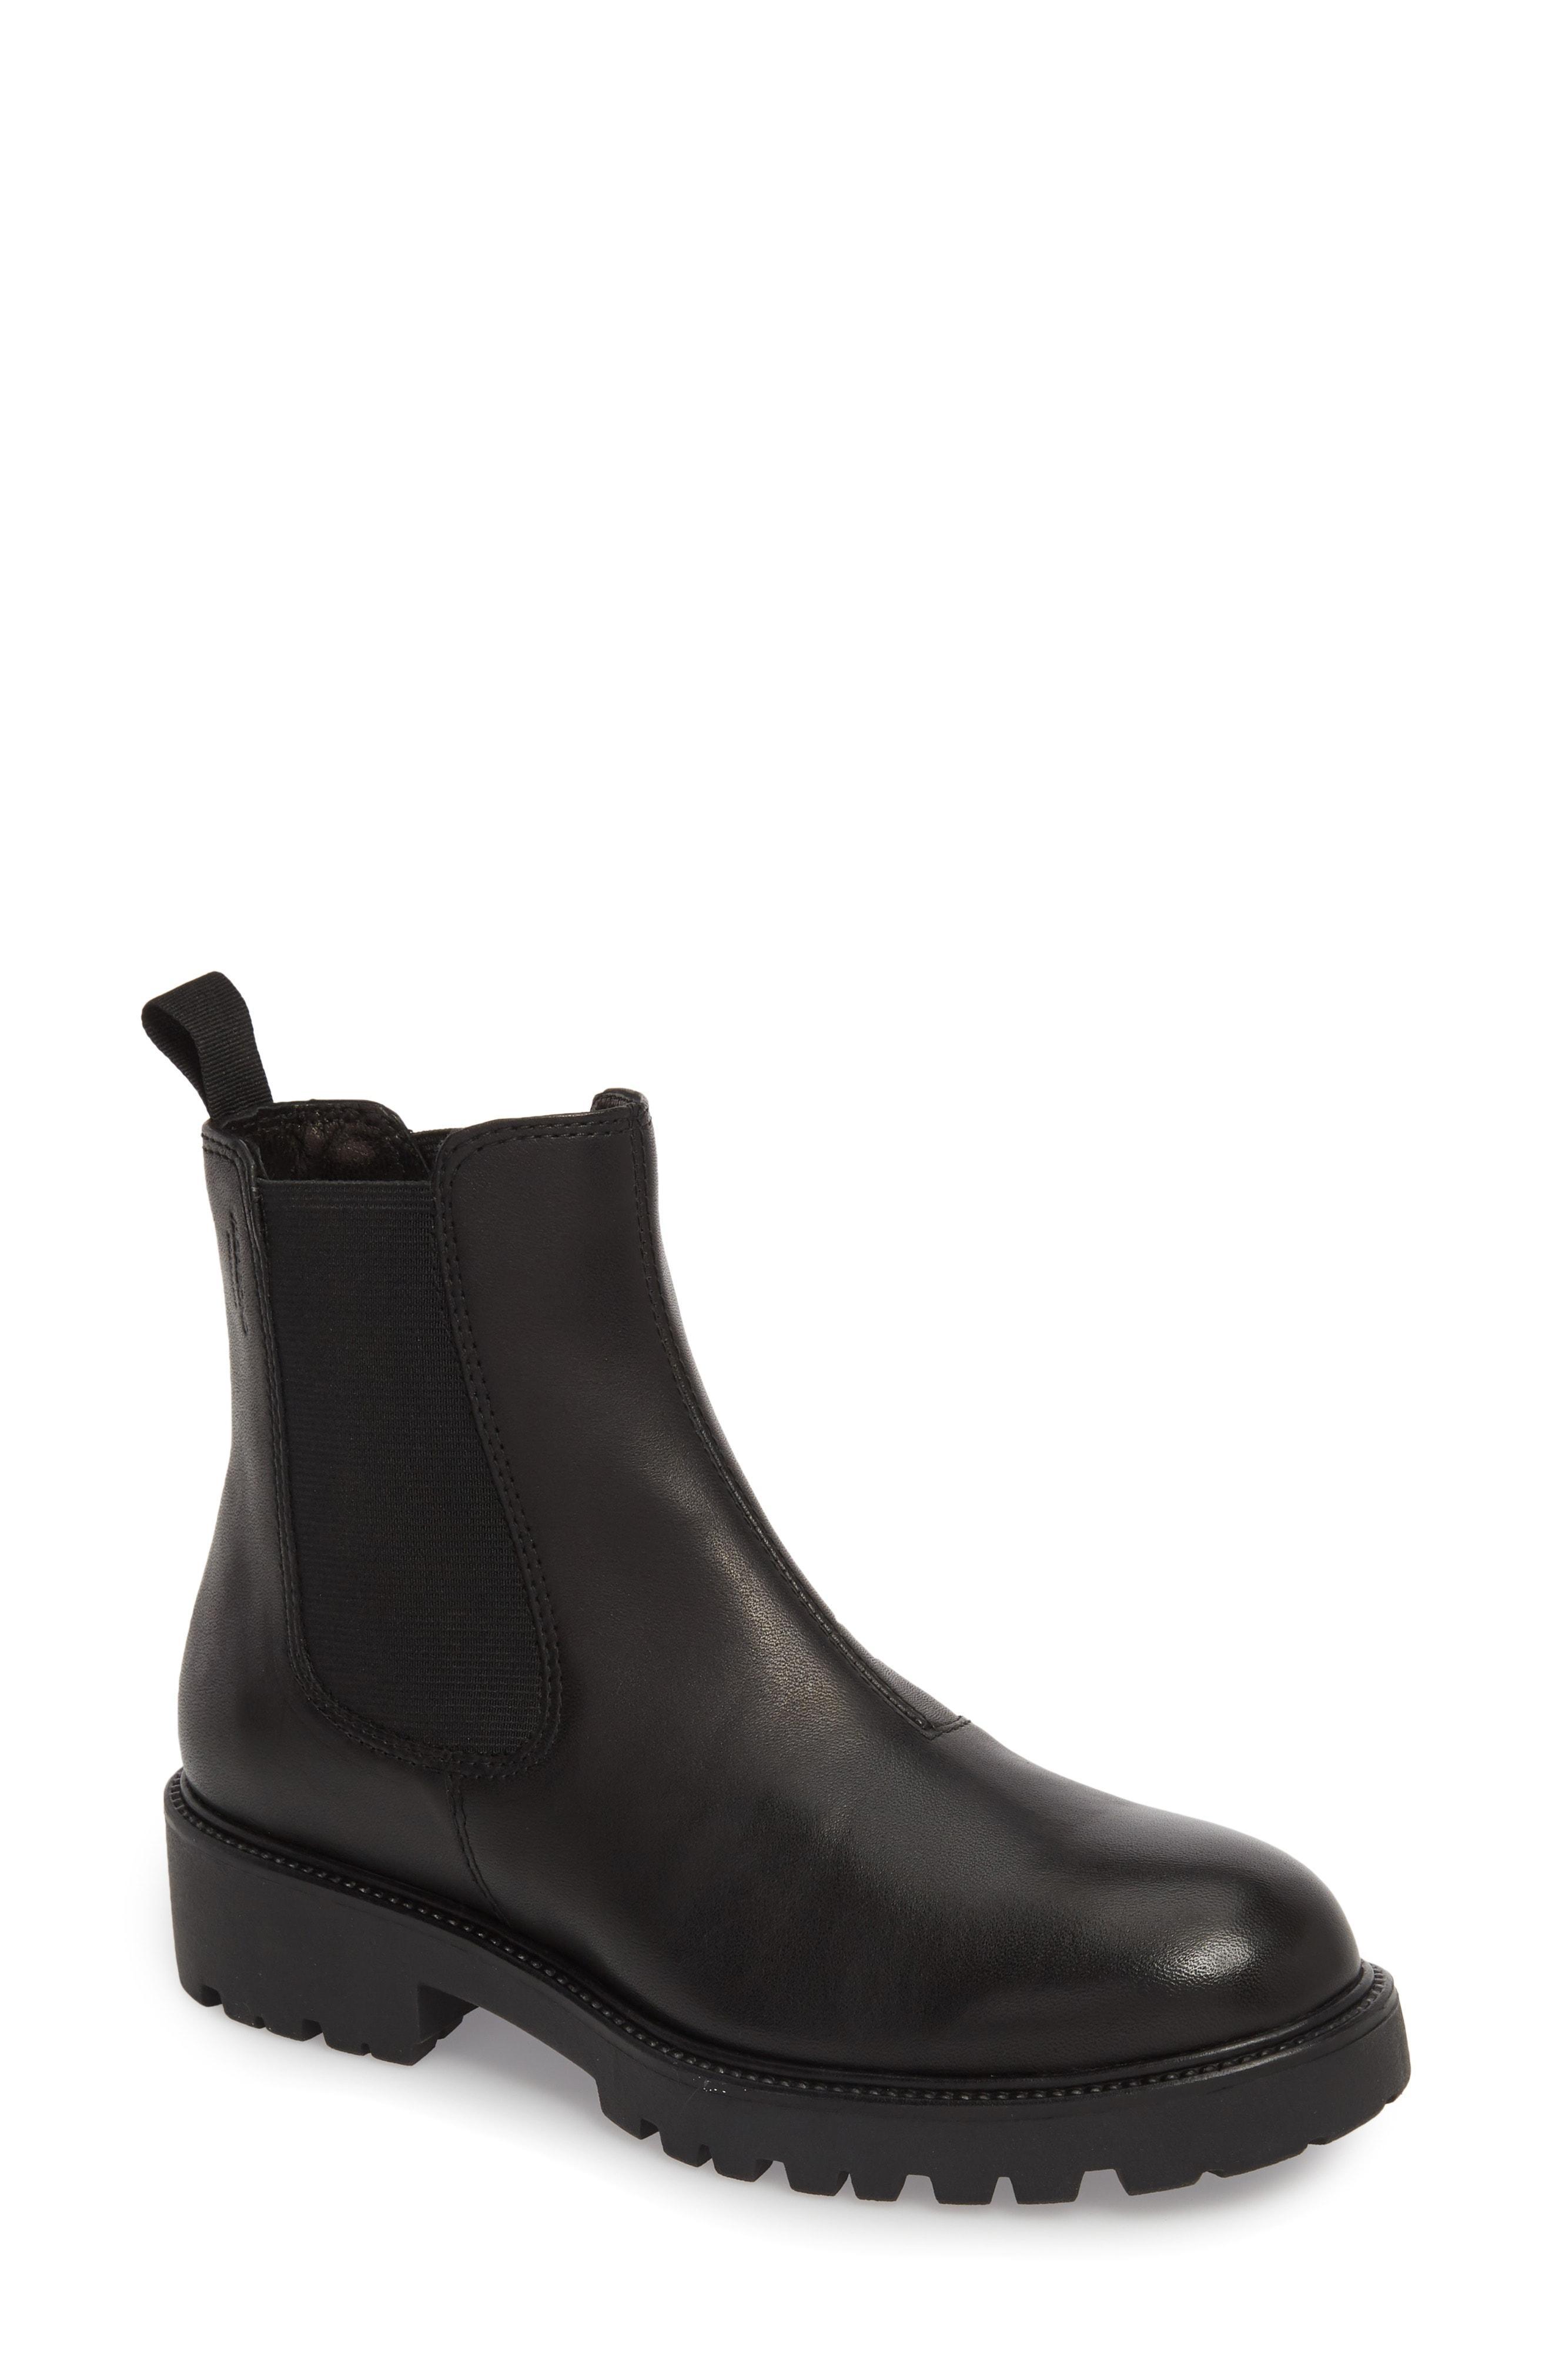 565a96e3a8a Vagabond Kenova Lugged Chelsea Boot in Black - Lyst